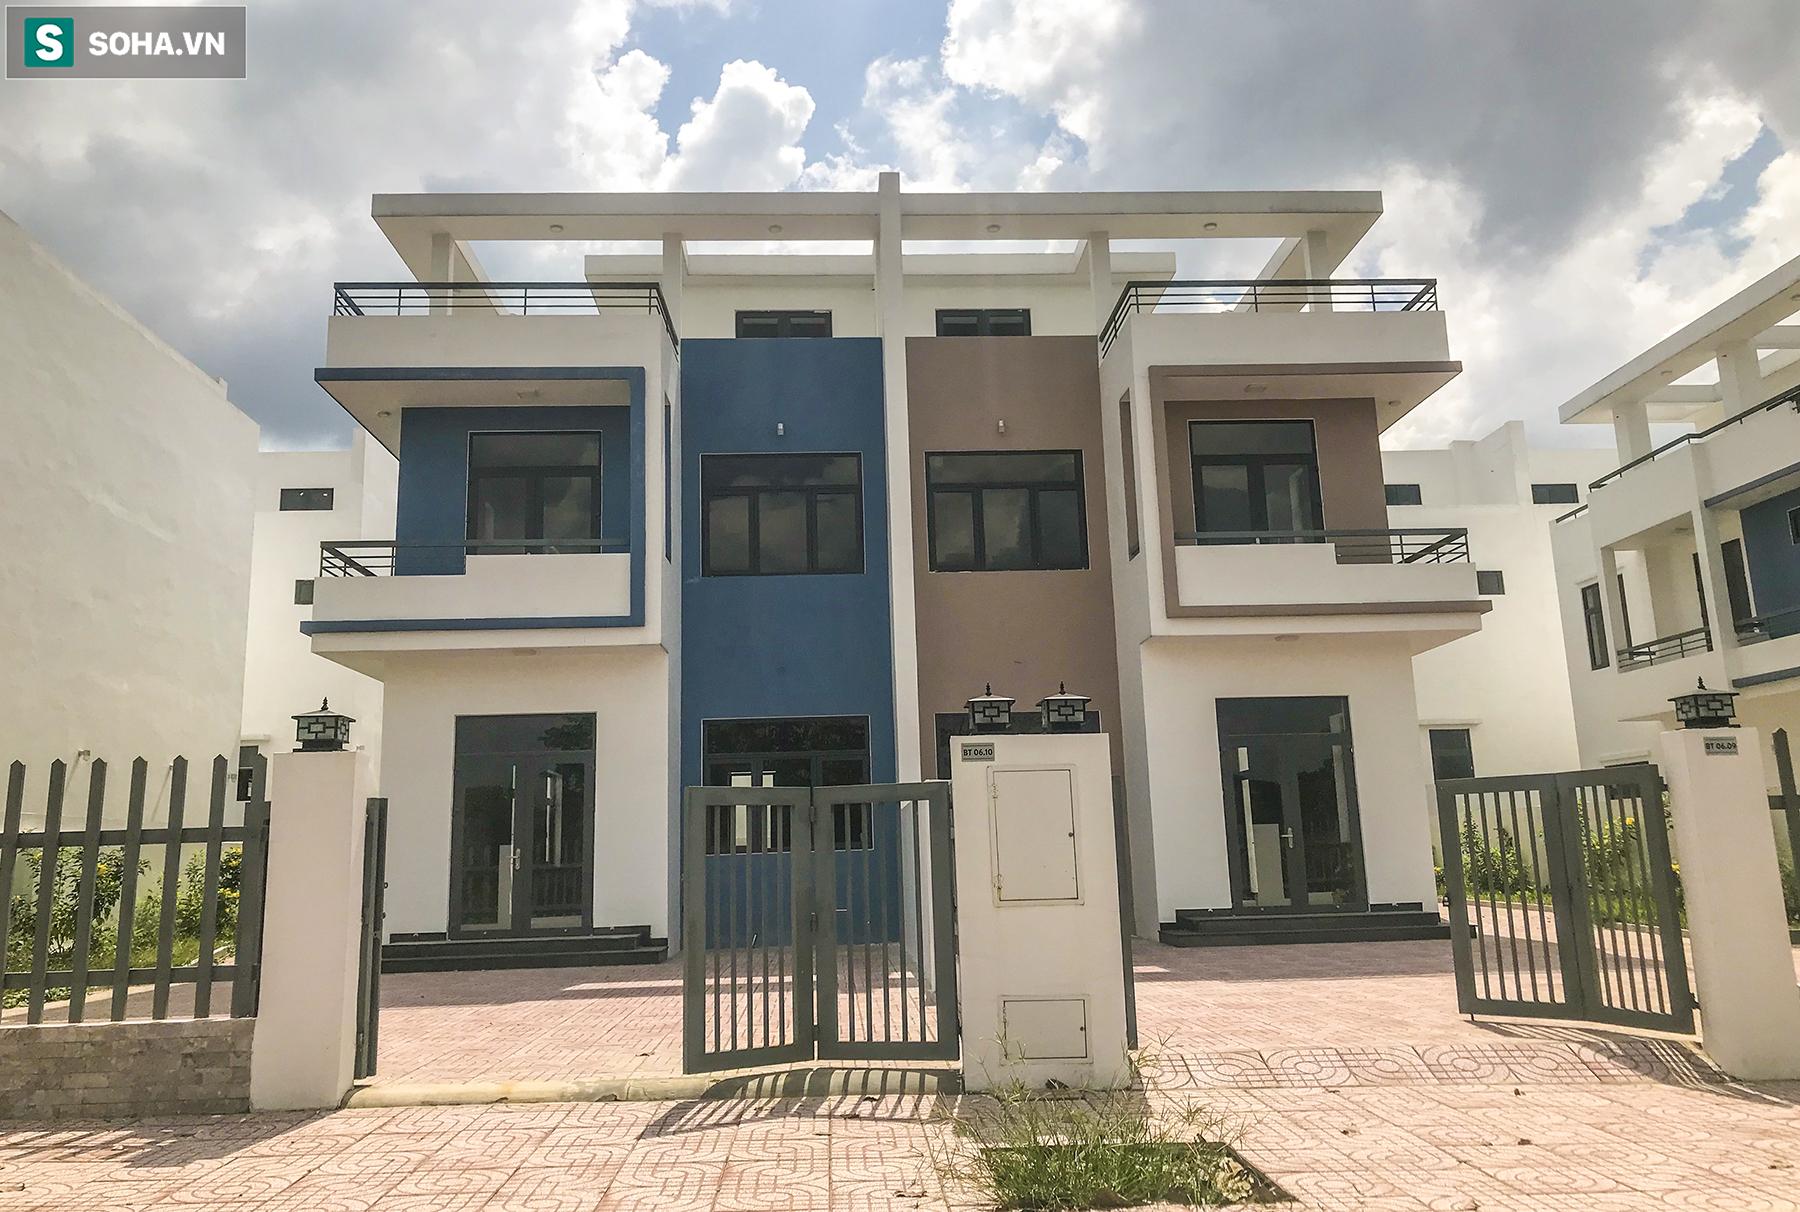 [Ảnh] Cận cảnh dự án với gần 700 căn nhà trái phép, được quảng cáo là đô thị thông minh đầu tiên tại Việt Nam - Ảnh 13.